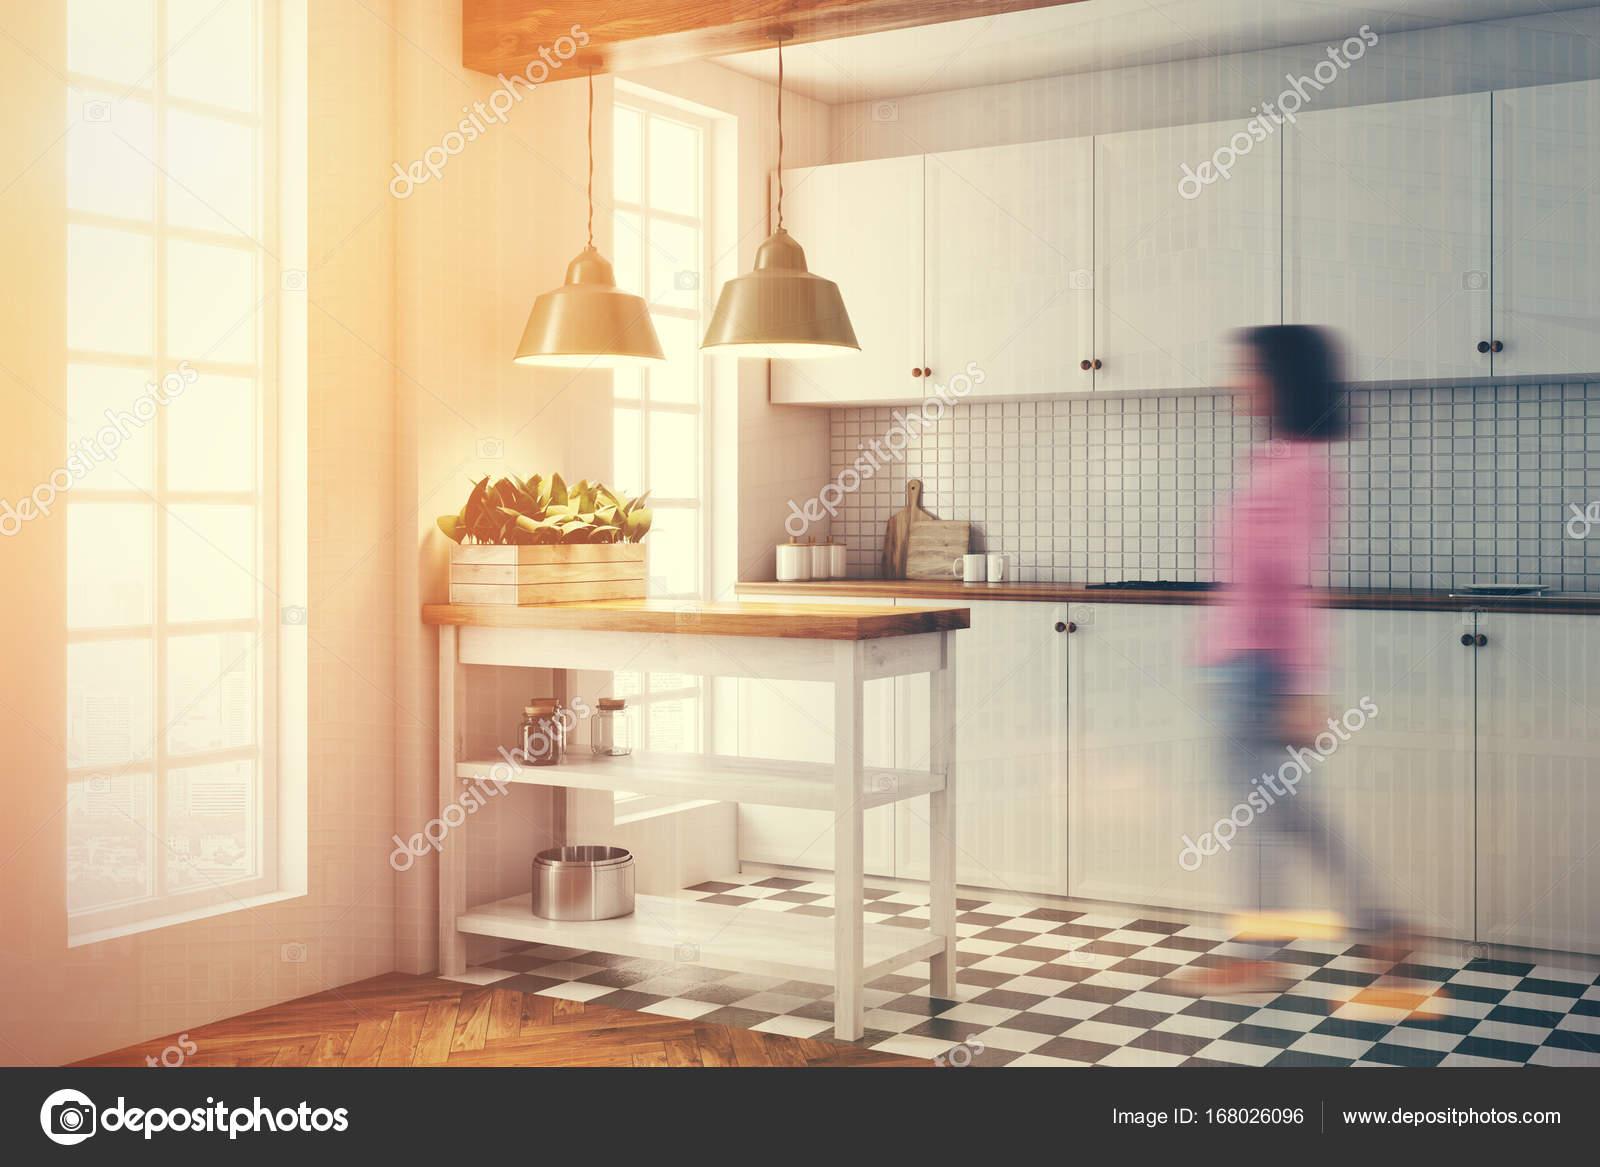 Cucina bianca interni piastrelle piano lato tonico u foto stock